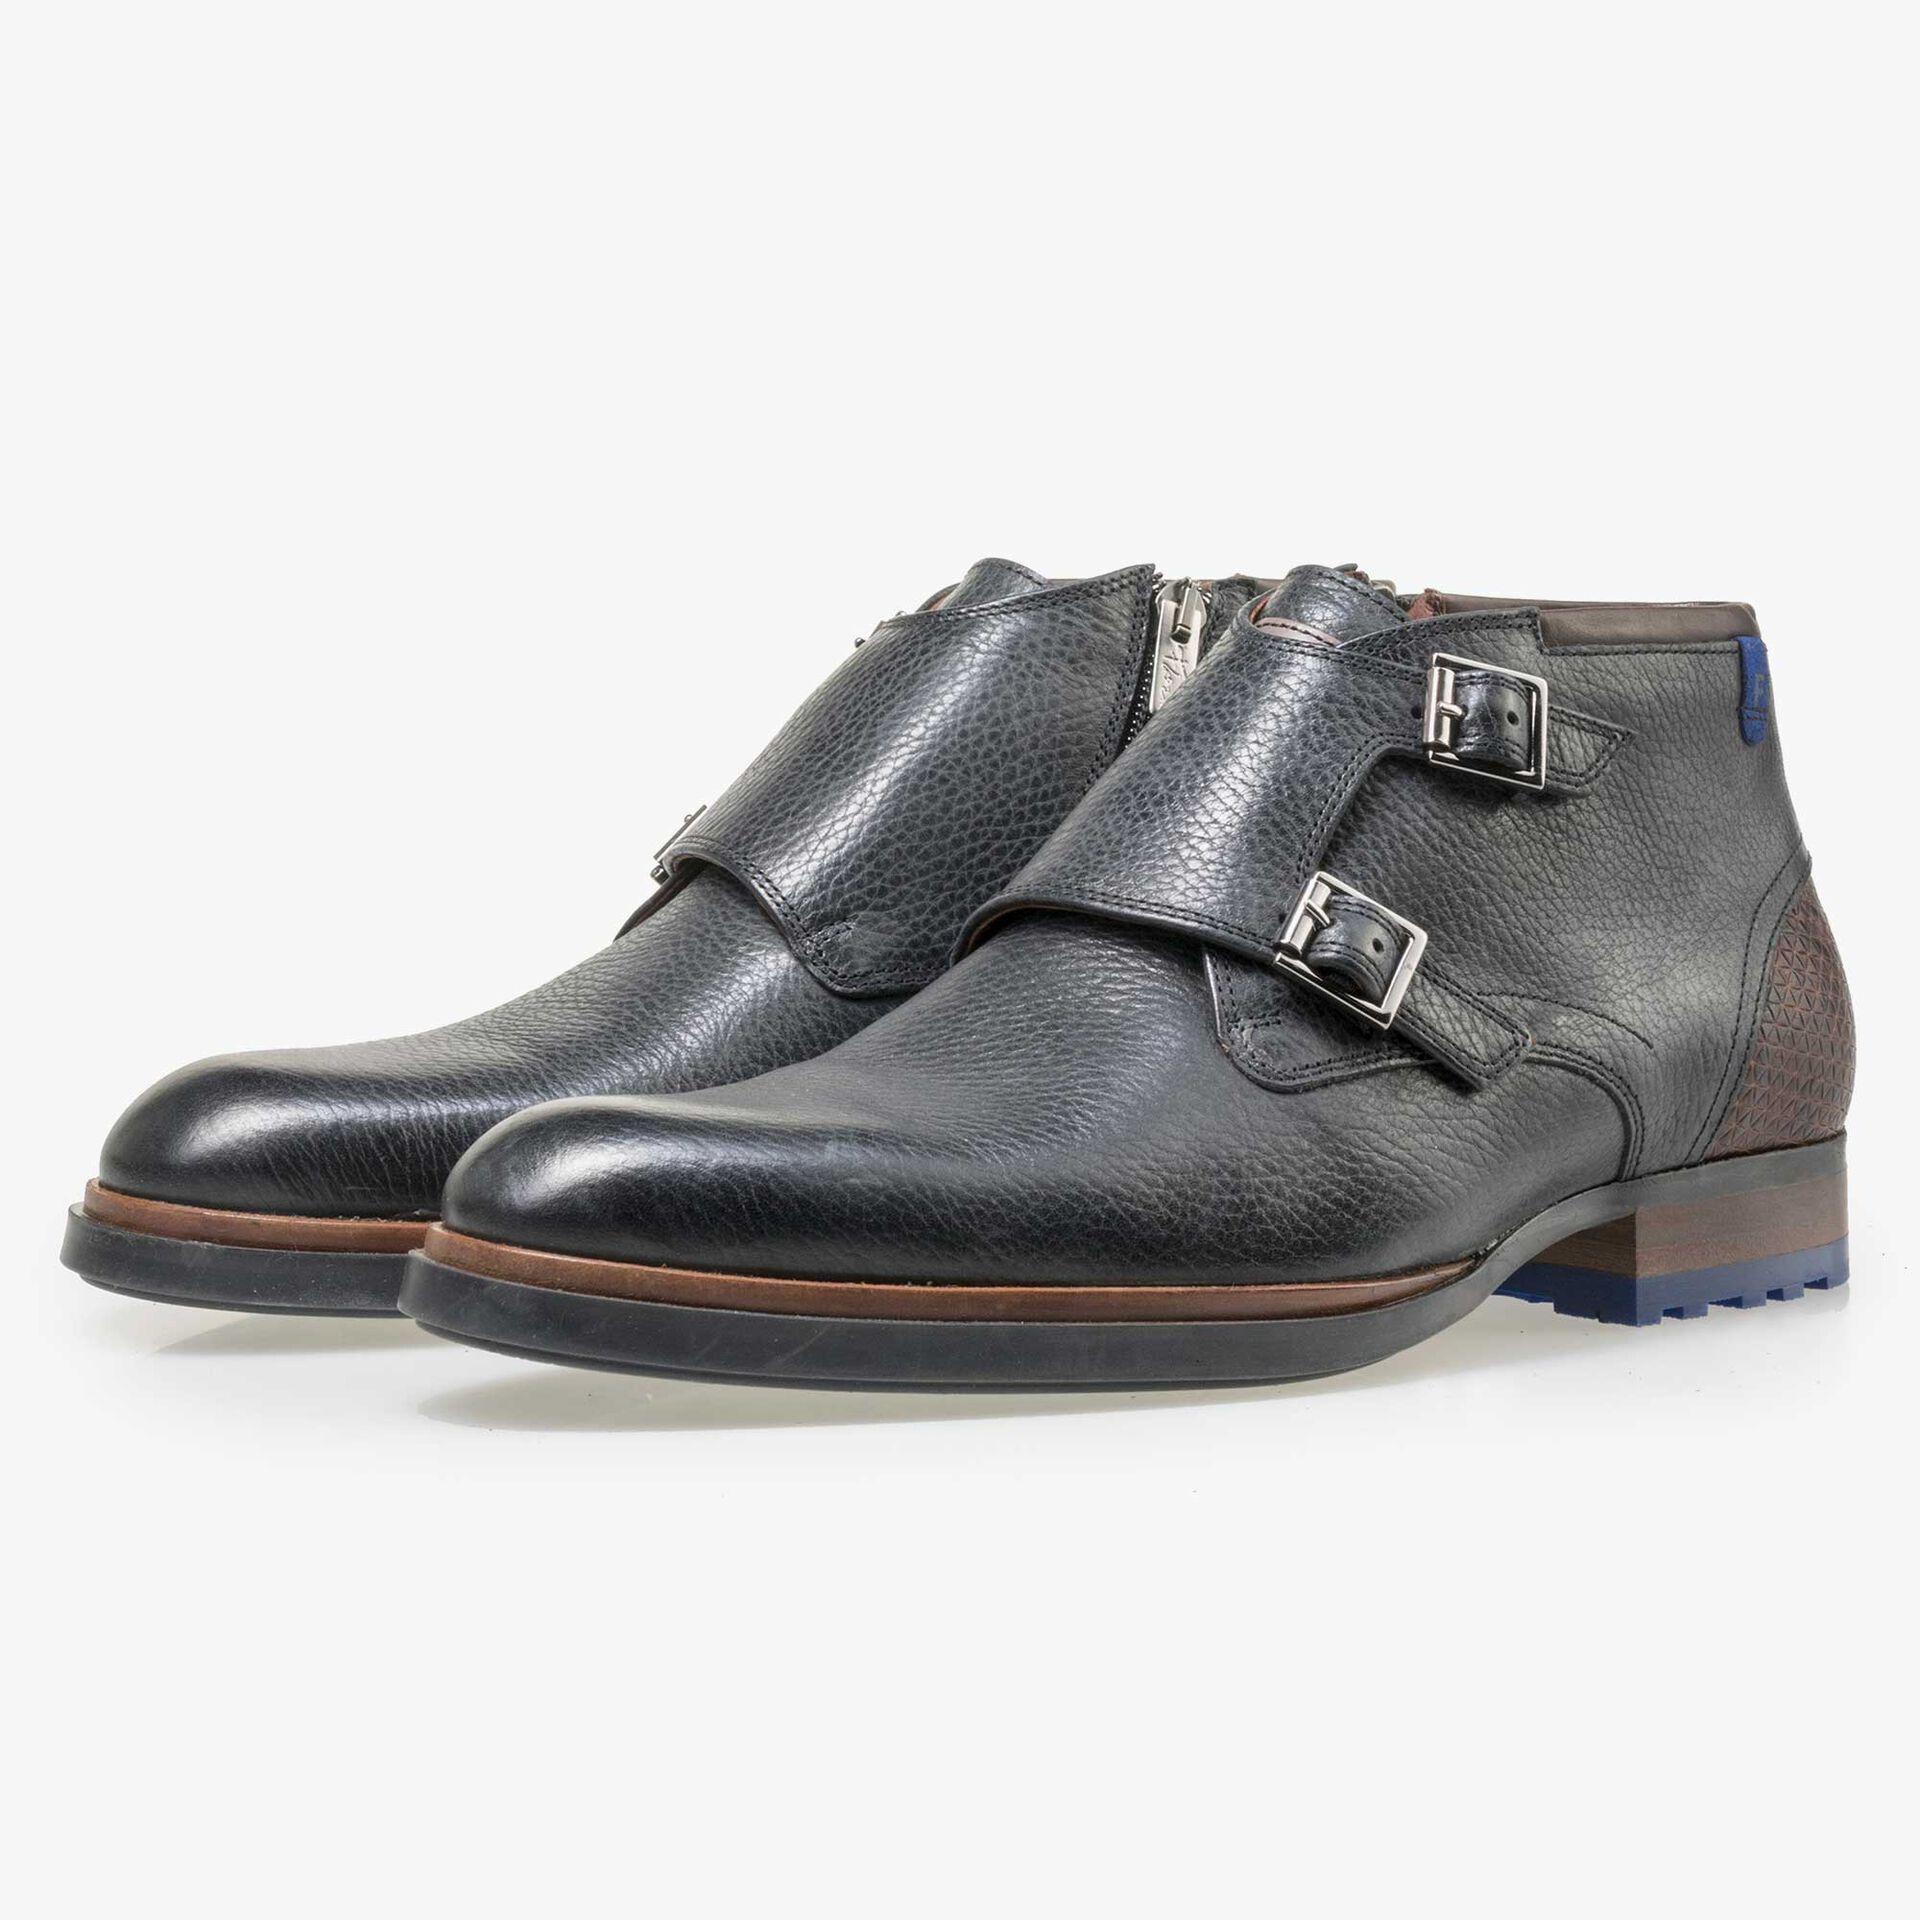 Floris van Bommel men's black leather zip boot